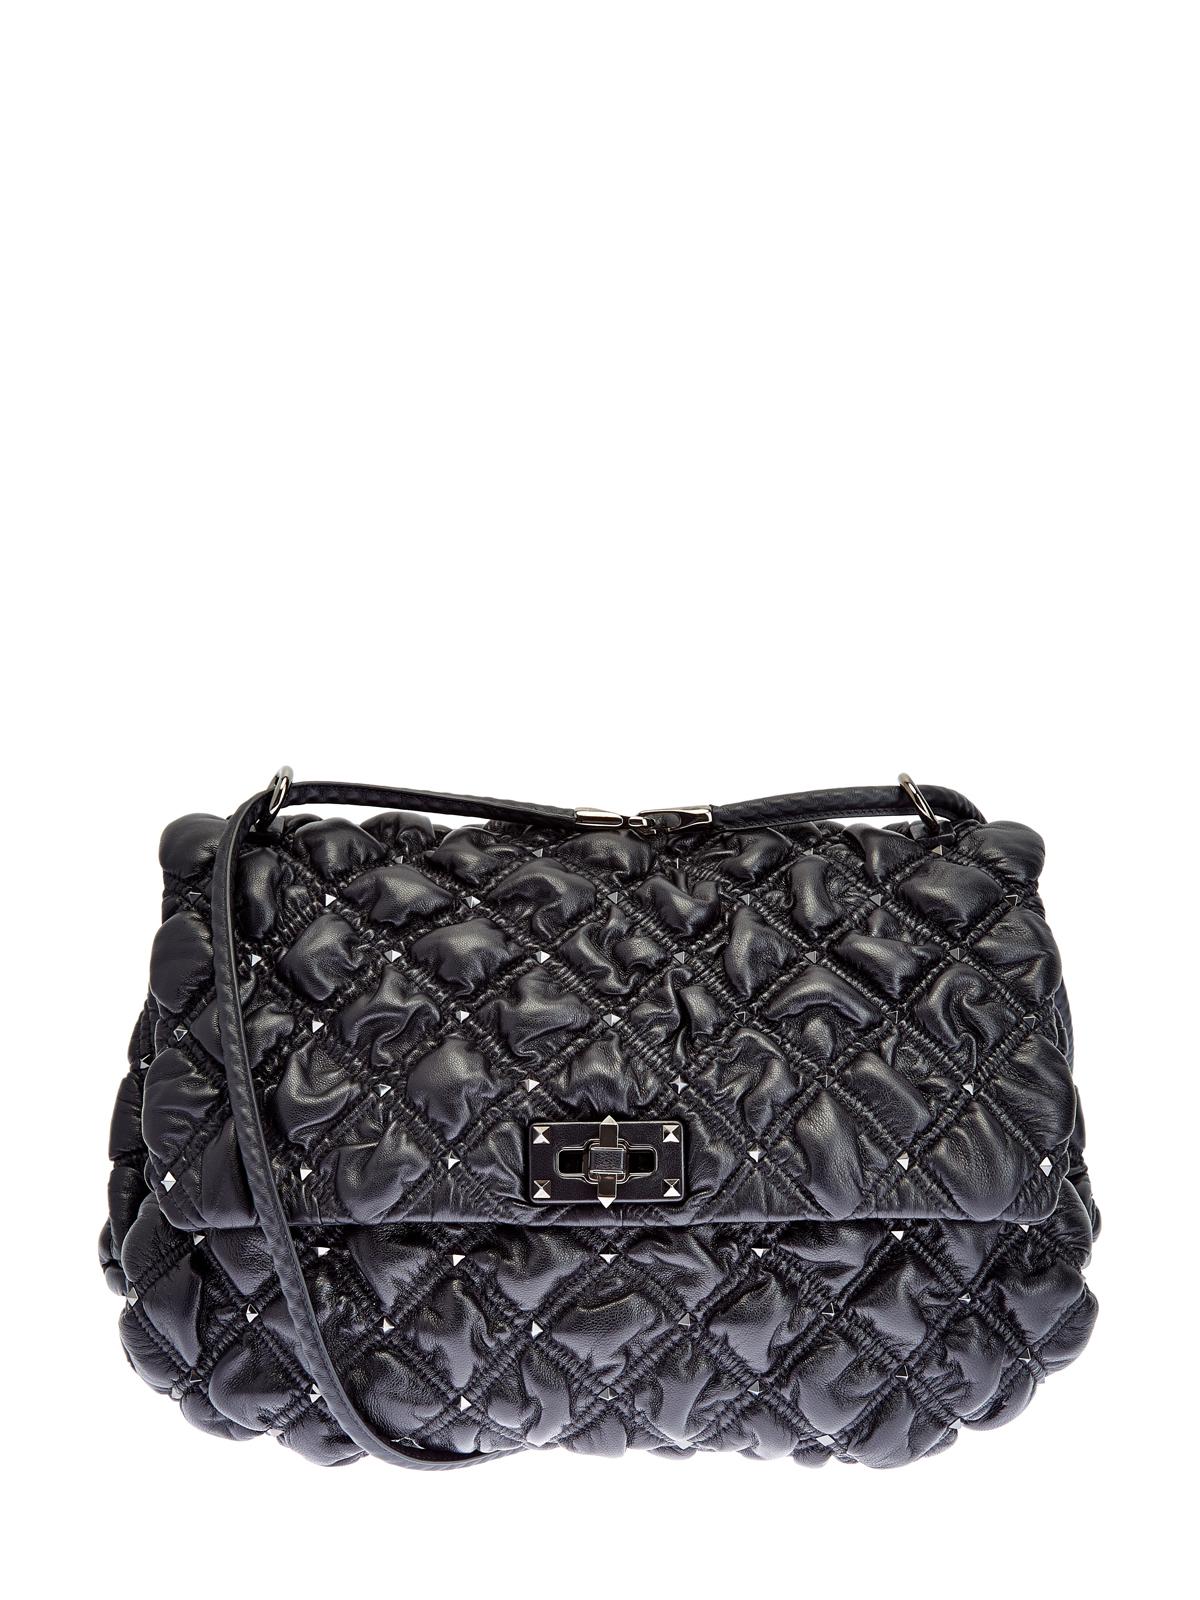 Черная сумка SpikeMe Bag из тисненой кожи наппа